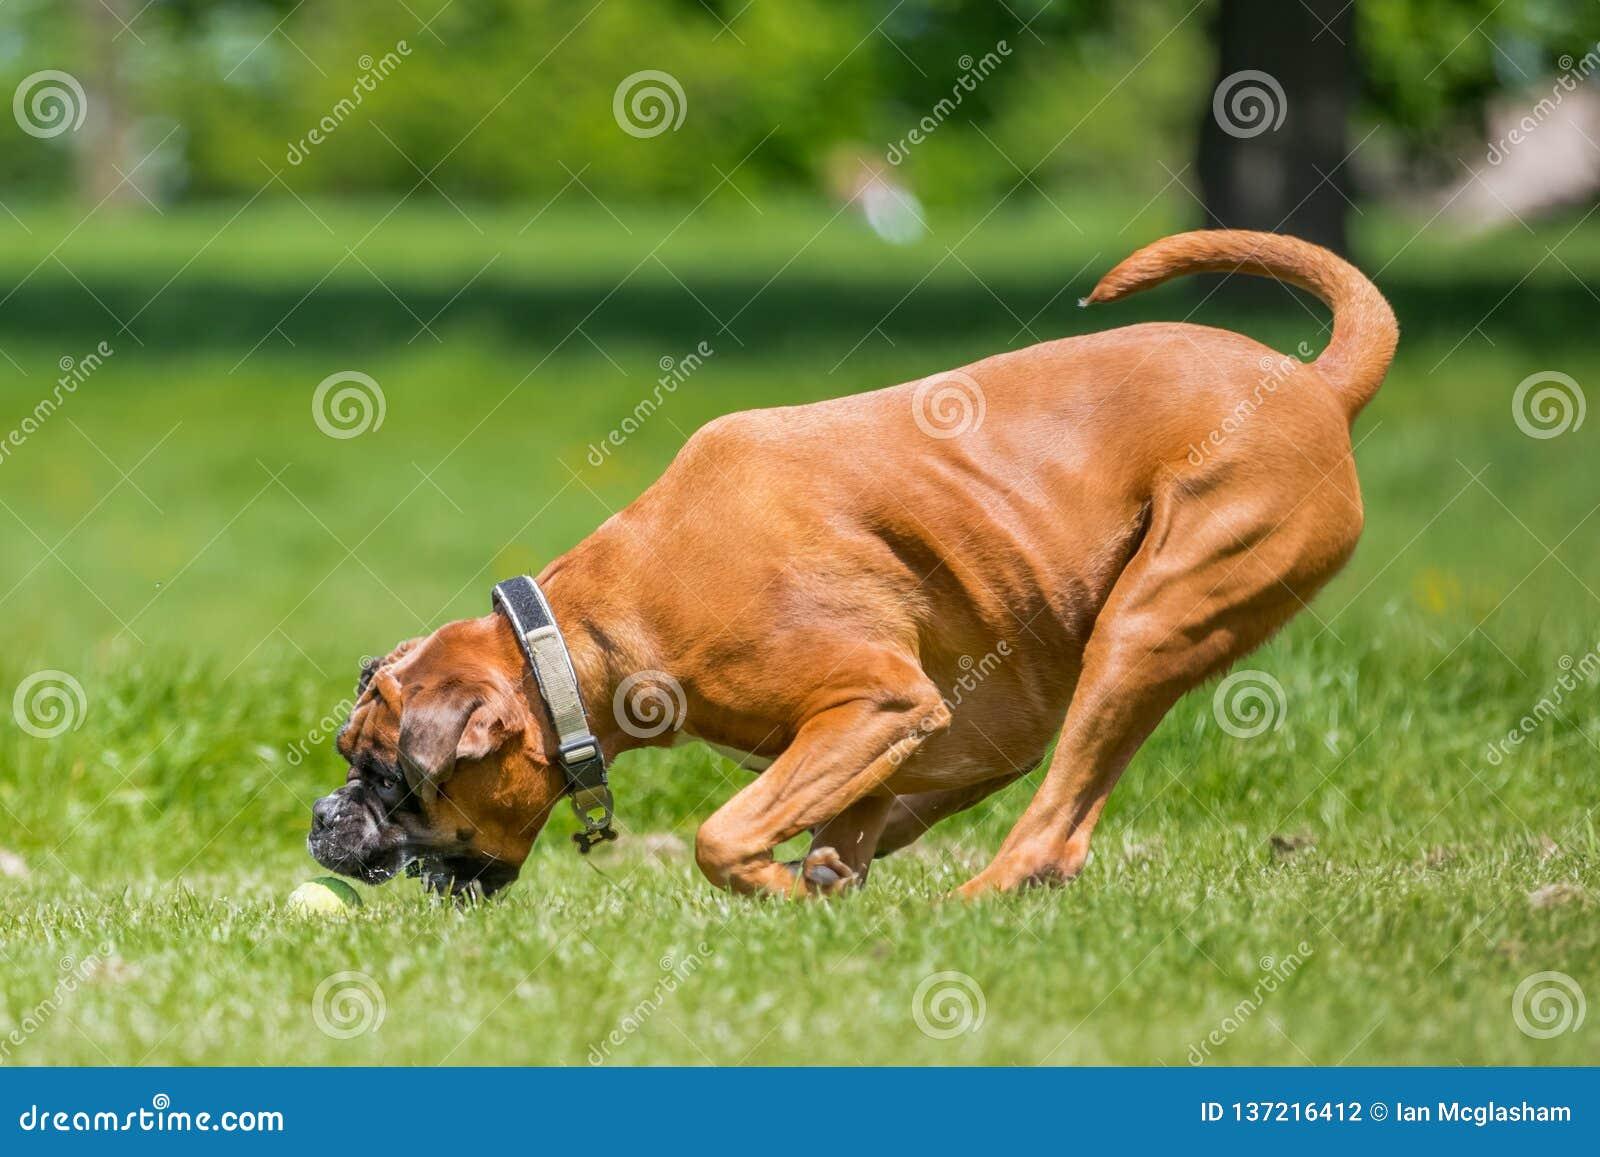 Deutscher Boxer Hund Der Einen Ball Auf Einem Gebiet Jagend Läuft